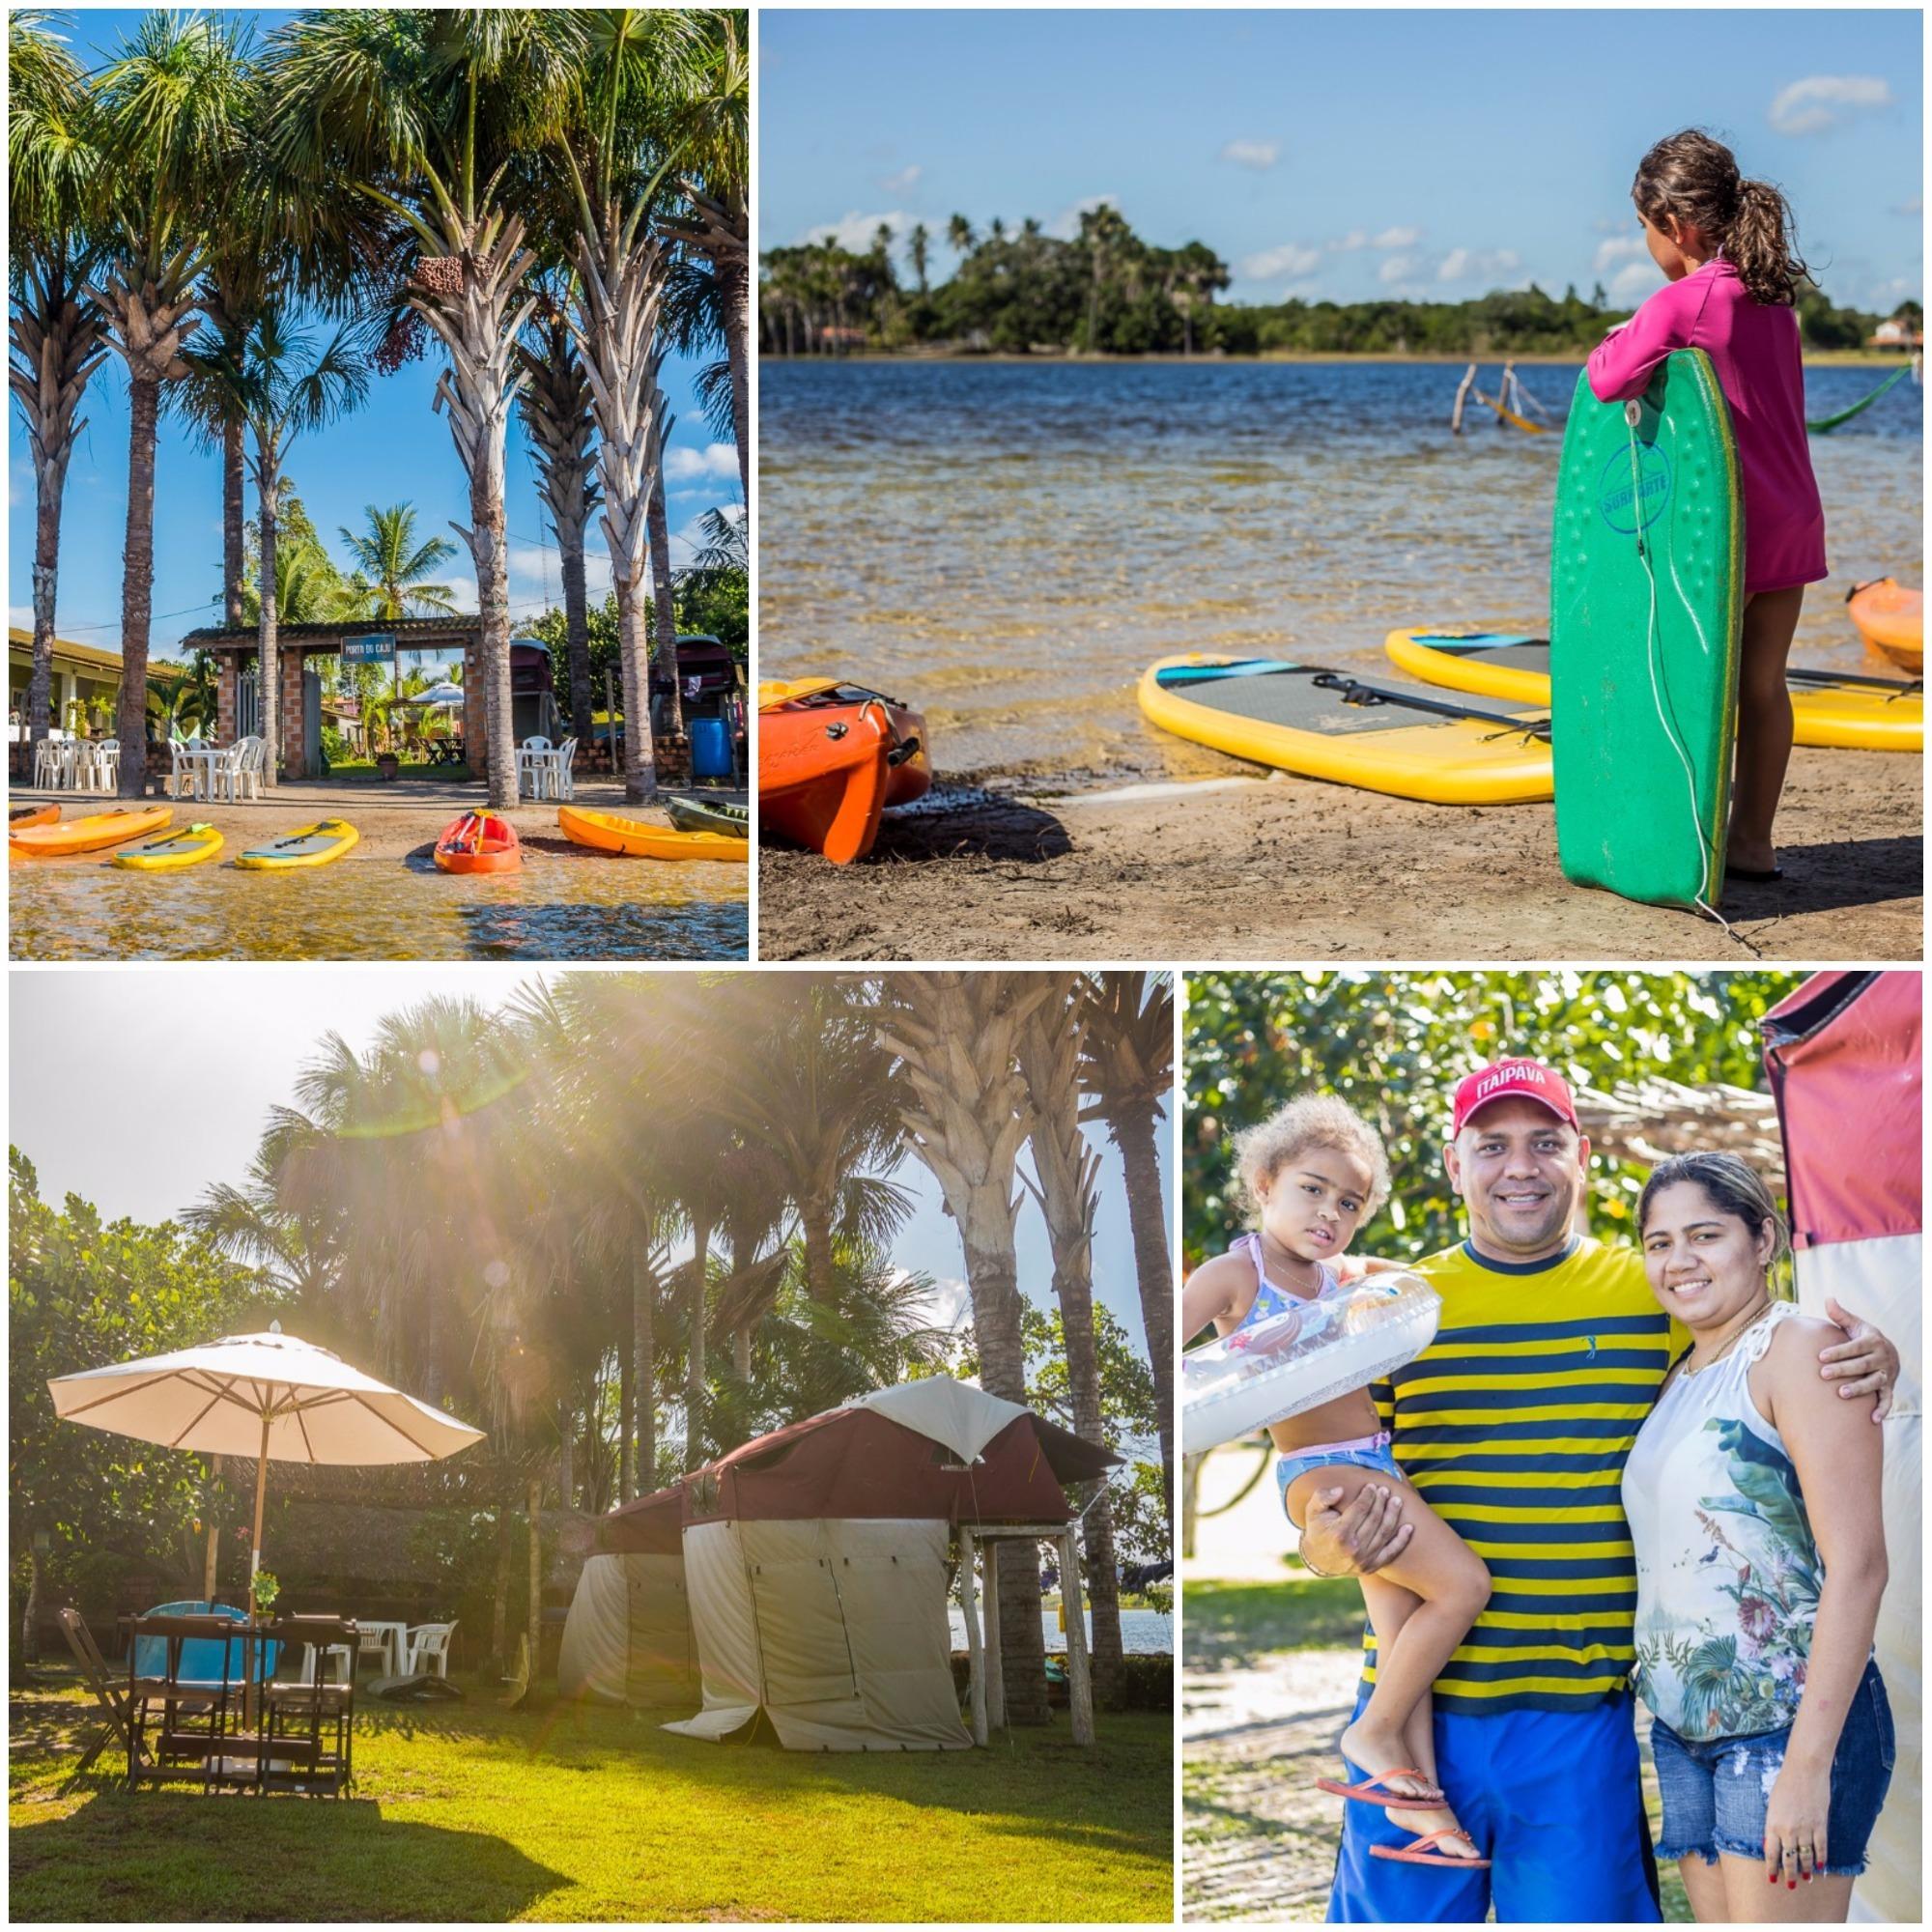 Aos turistas mais aventureiros, a pousada Porto do Caju oferece barracas de camping que ficam a um metro e meio do chão.